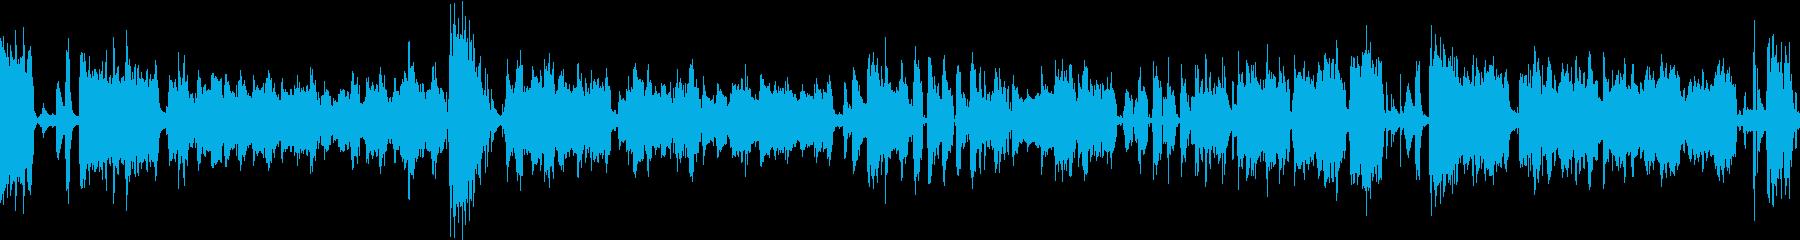 ほのぼの明るいオルガンピアノトリオジャズの再生済みの波形